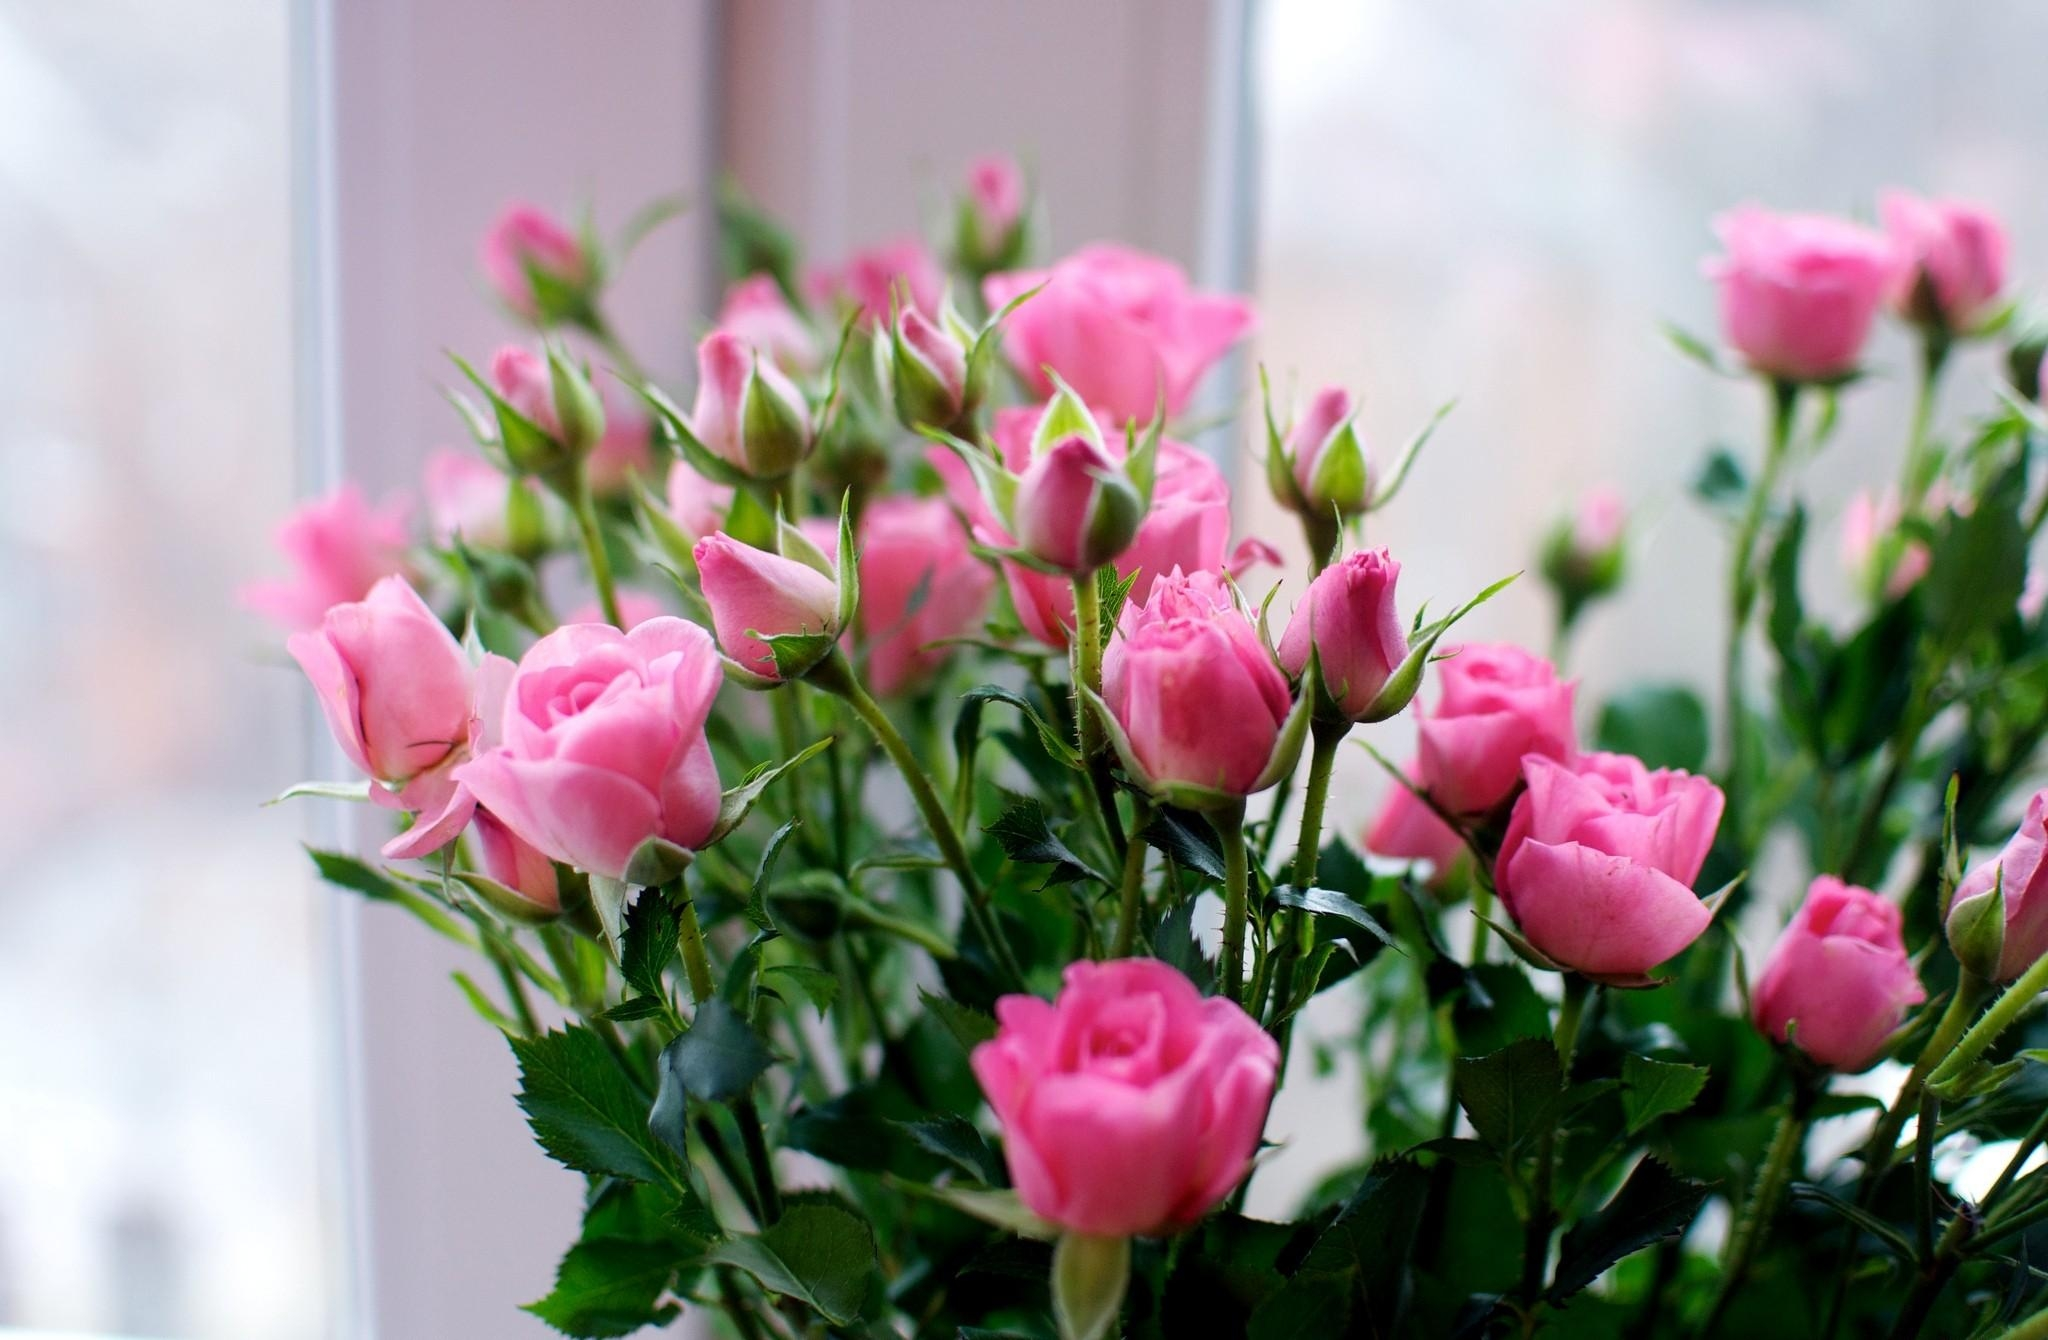 135584 Protetores de tela e papéis de parede Rosas em seu telefone. Baixe Rosas, Flores, Ramalhete, Buquê, Pequeno fotos gratuitamente